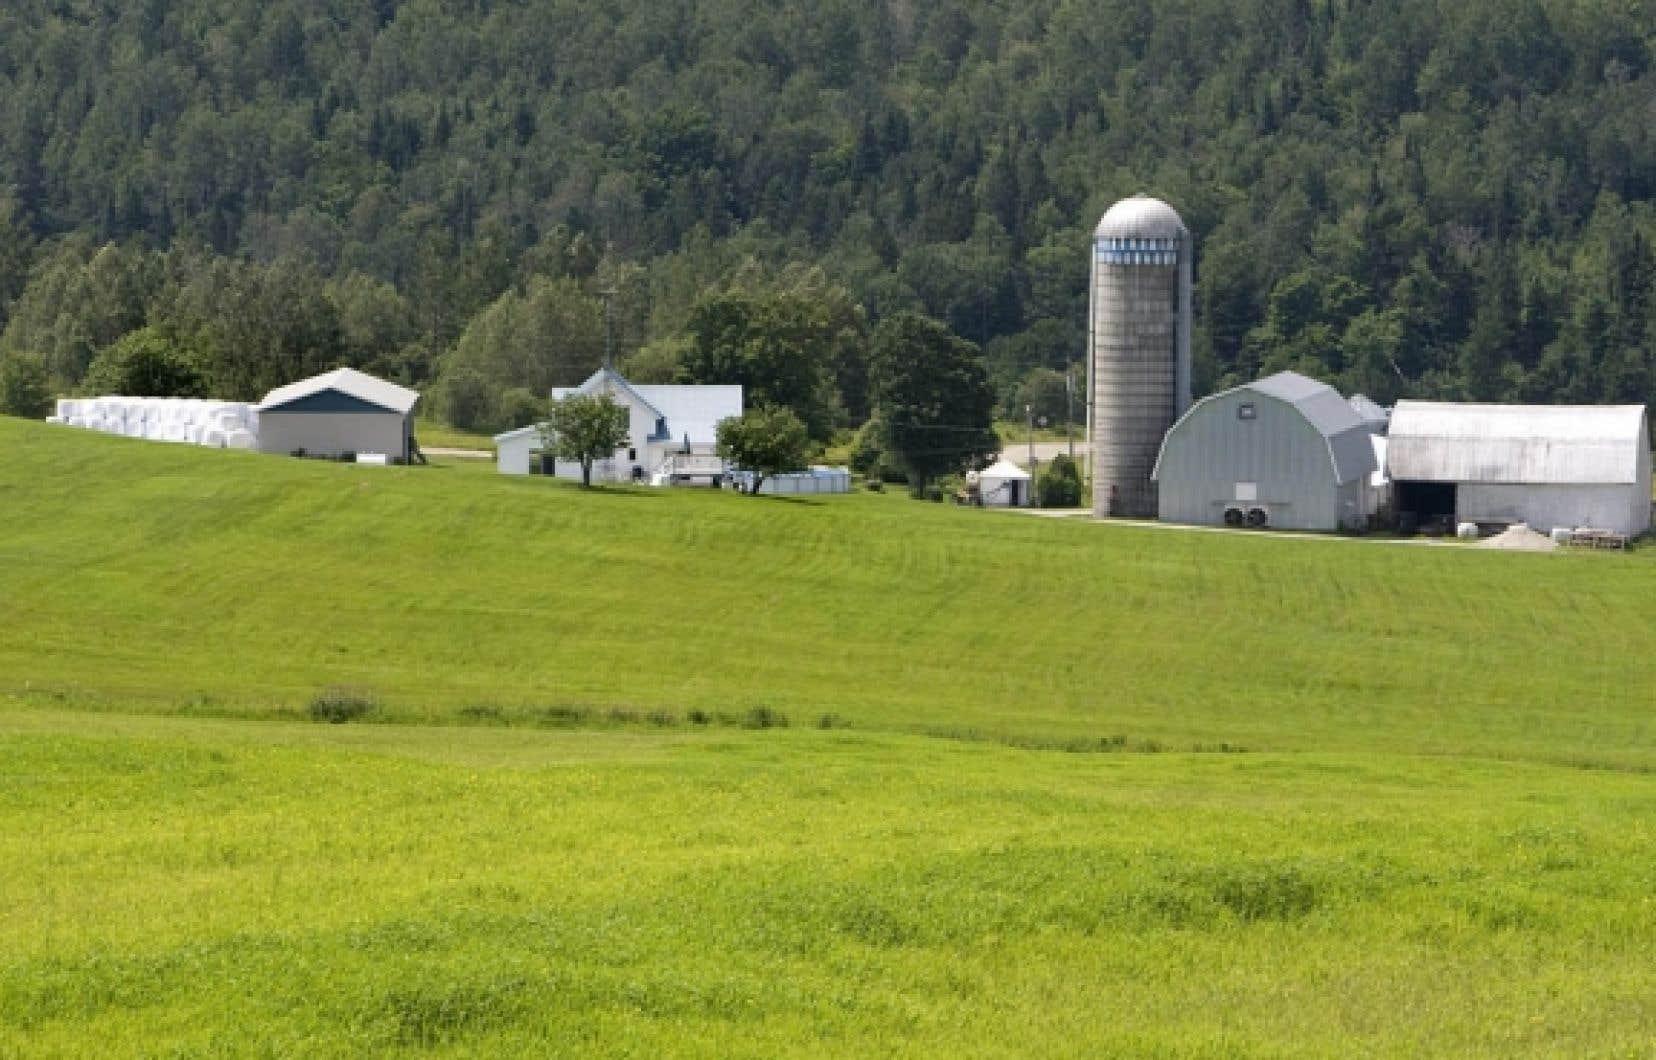 Les agriculteurs ne veulent pas jouer à la roulette russe avec l'avenir de leur ferme.<br /> <br />